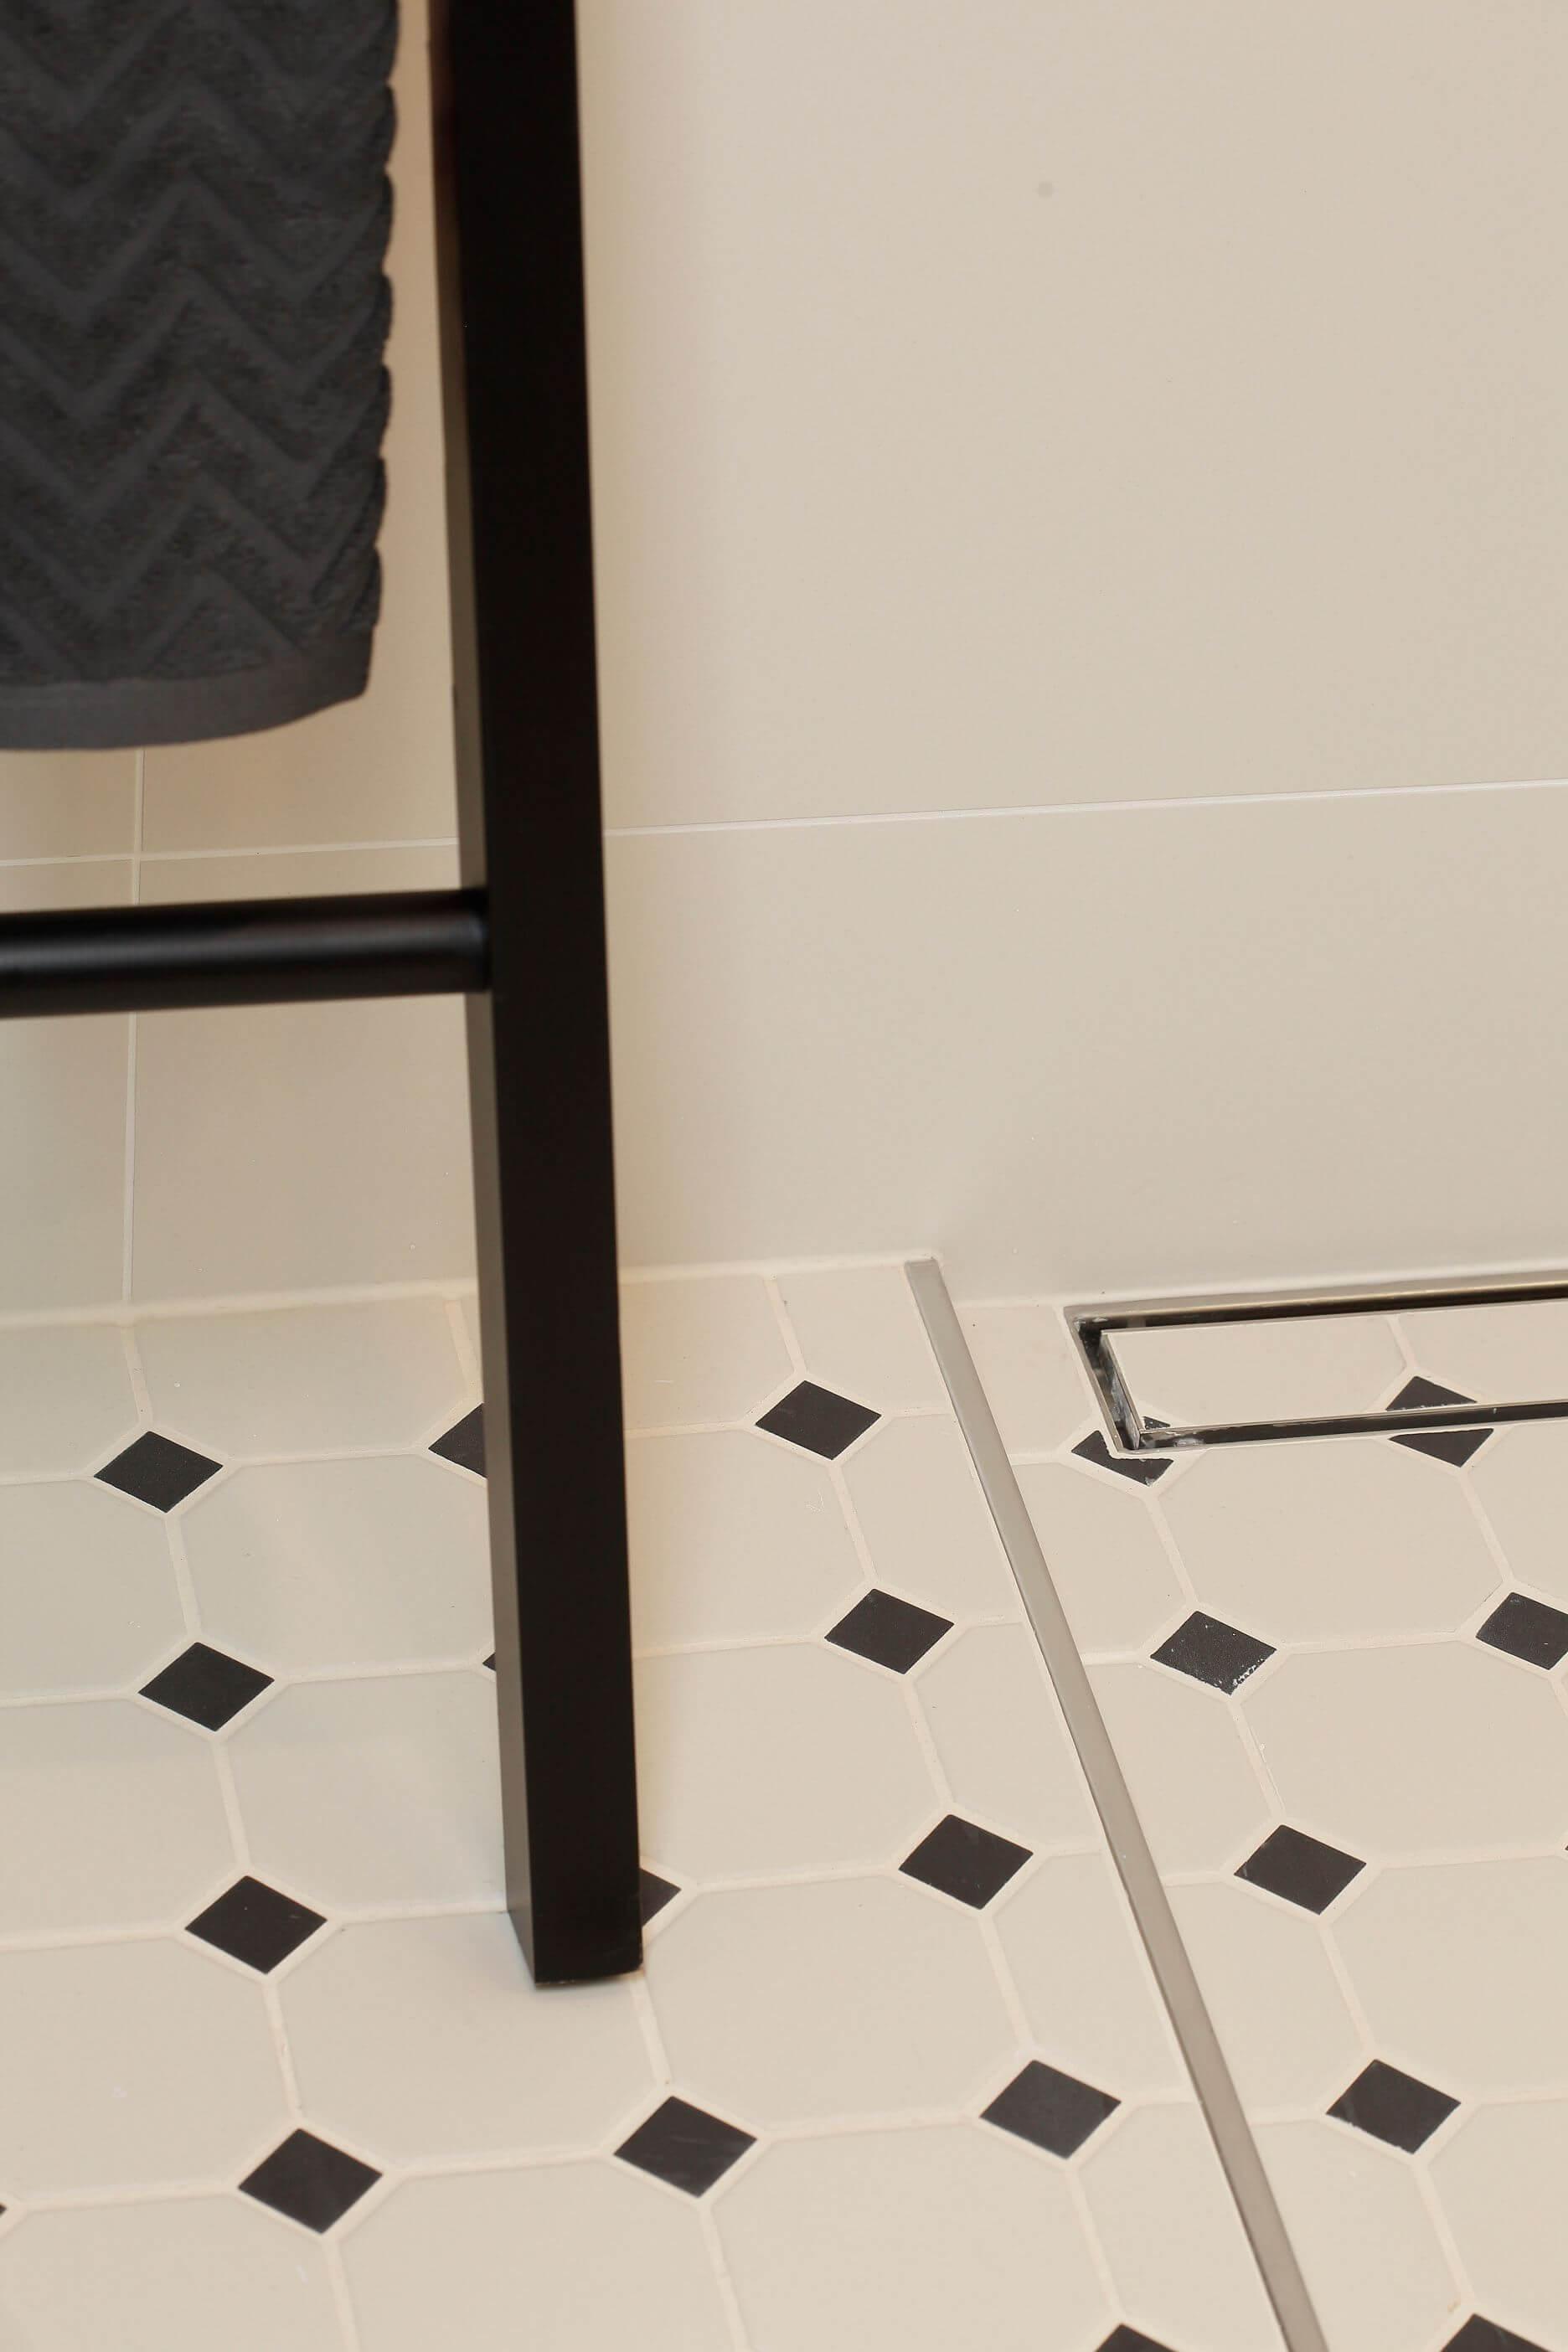 BPK ajaloolise klassikalise mustriga põrandaplaat vannituppa avangard luksuslikus üürimajas